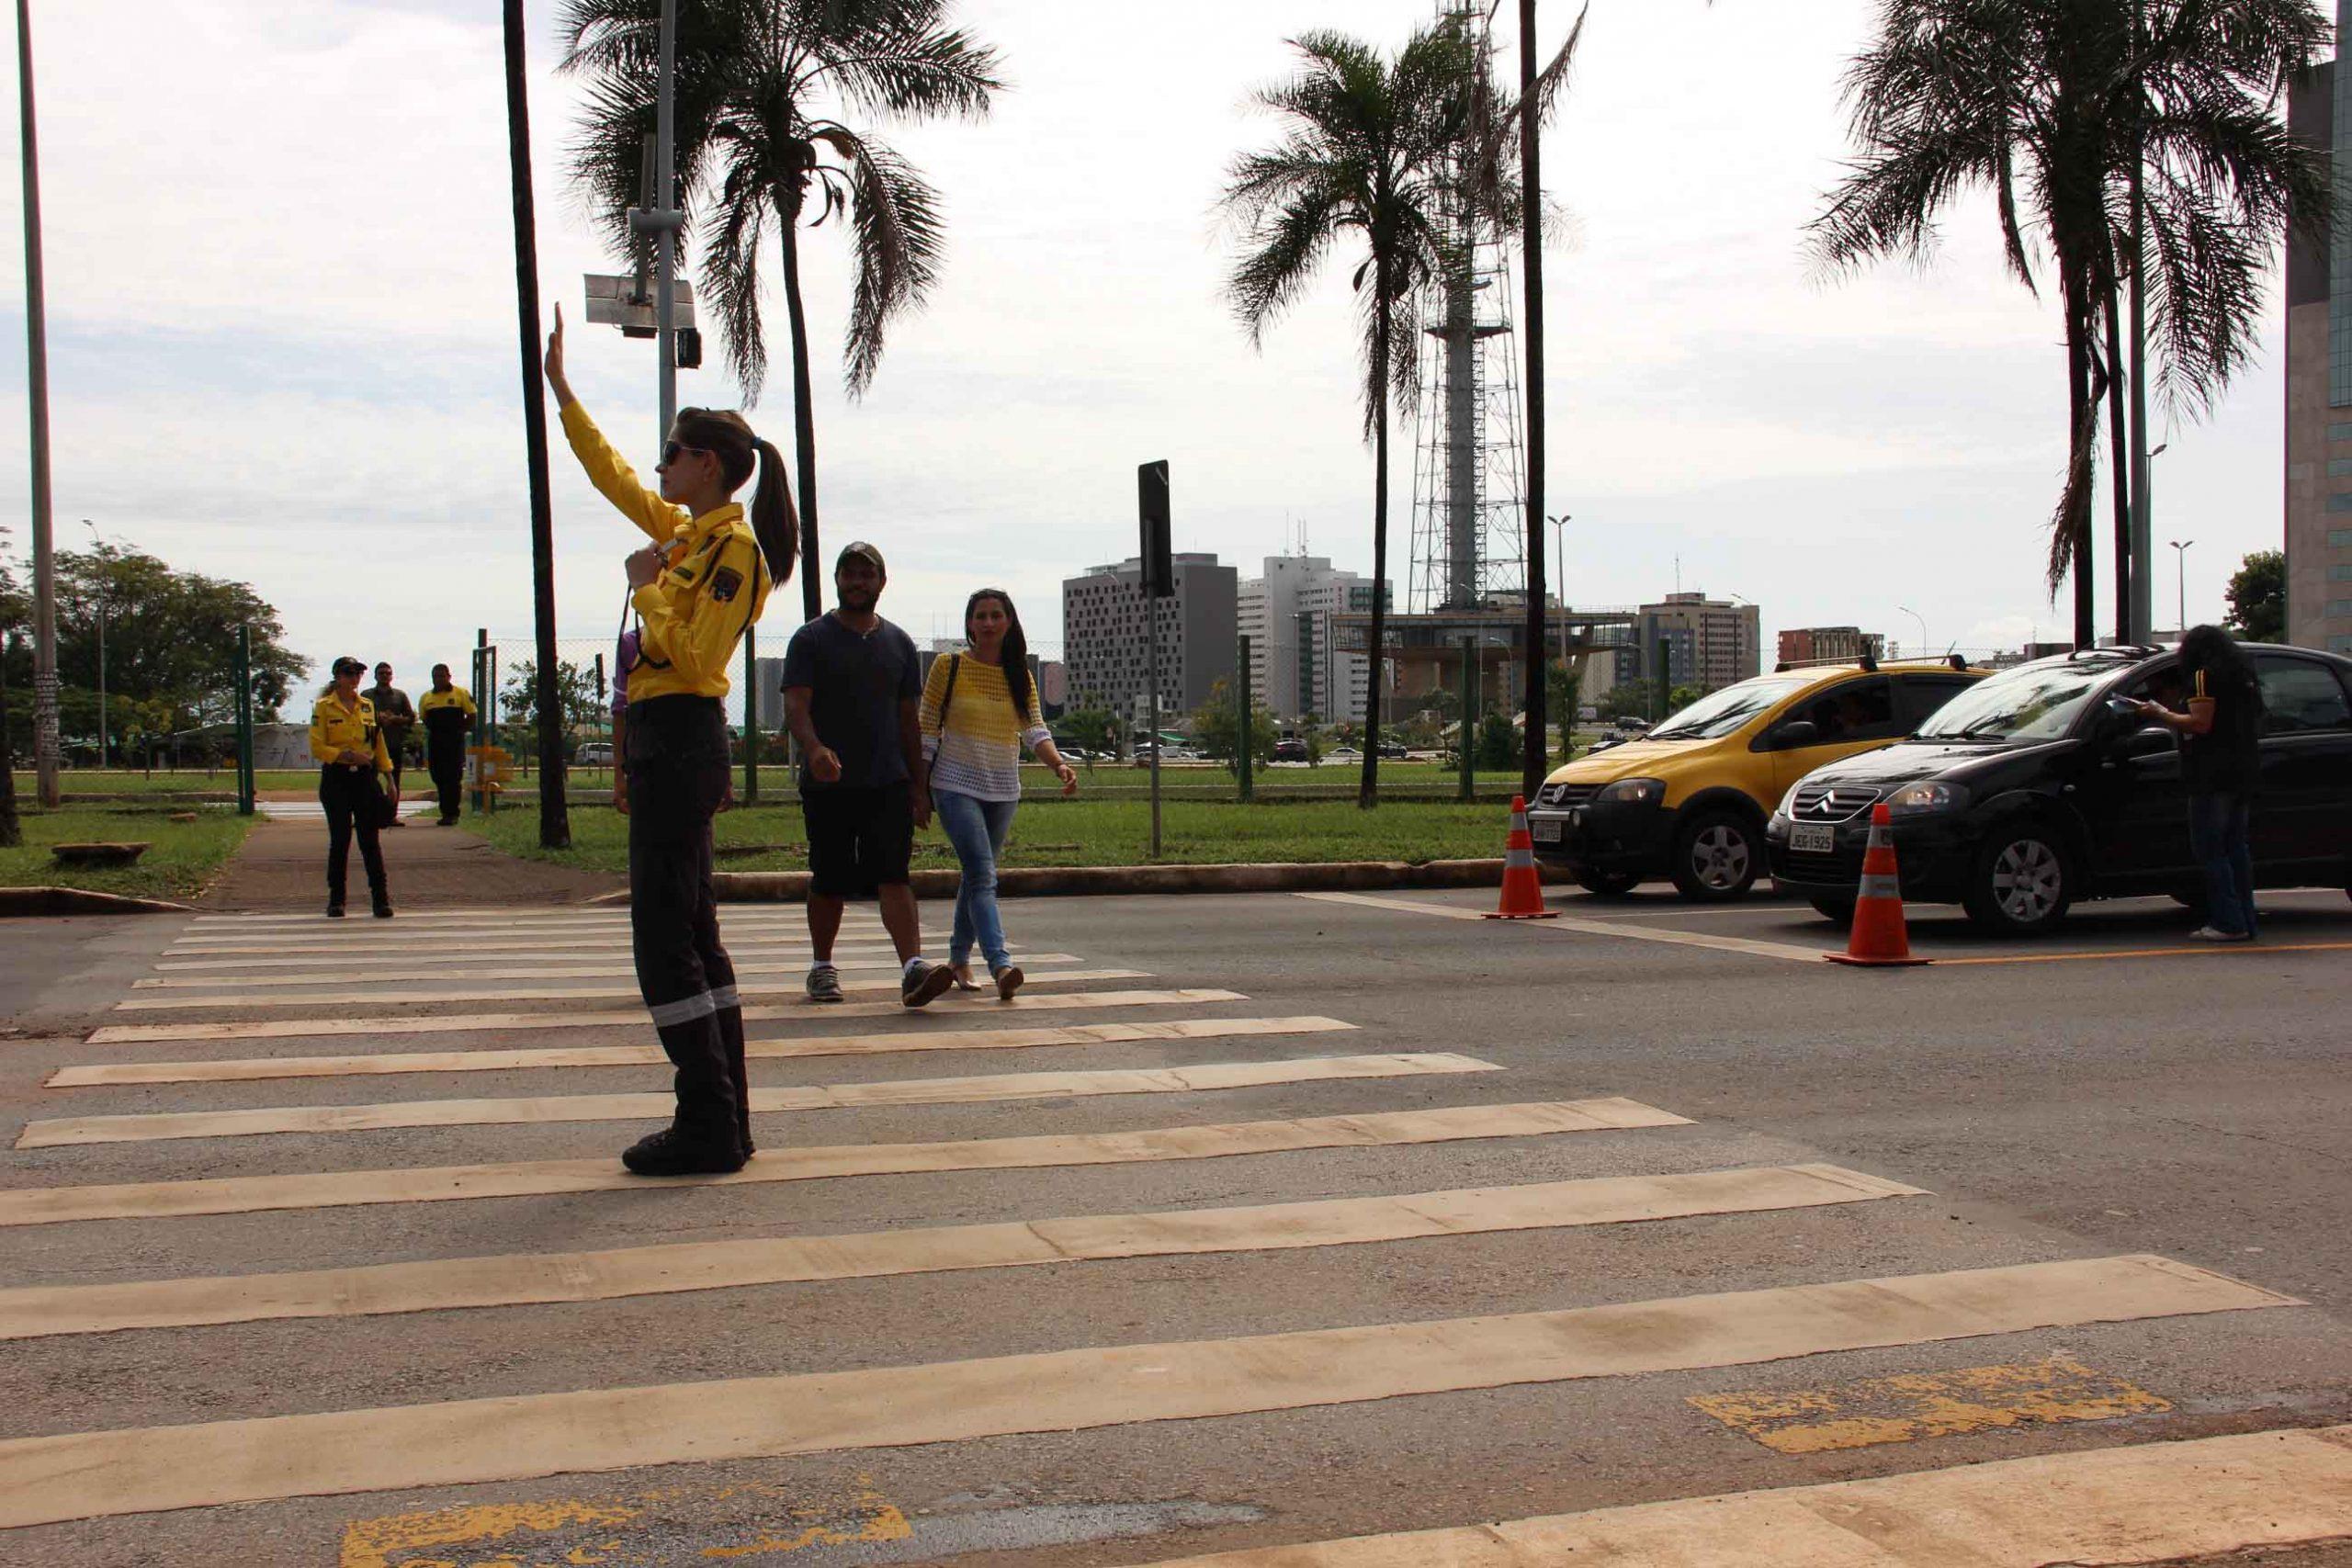 24 ANOS DE RESPEITO A FAIXA   Detran-DF celebra mudança de comportamento de pedestres e condutores